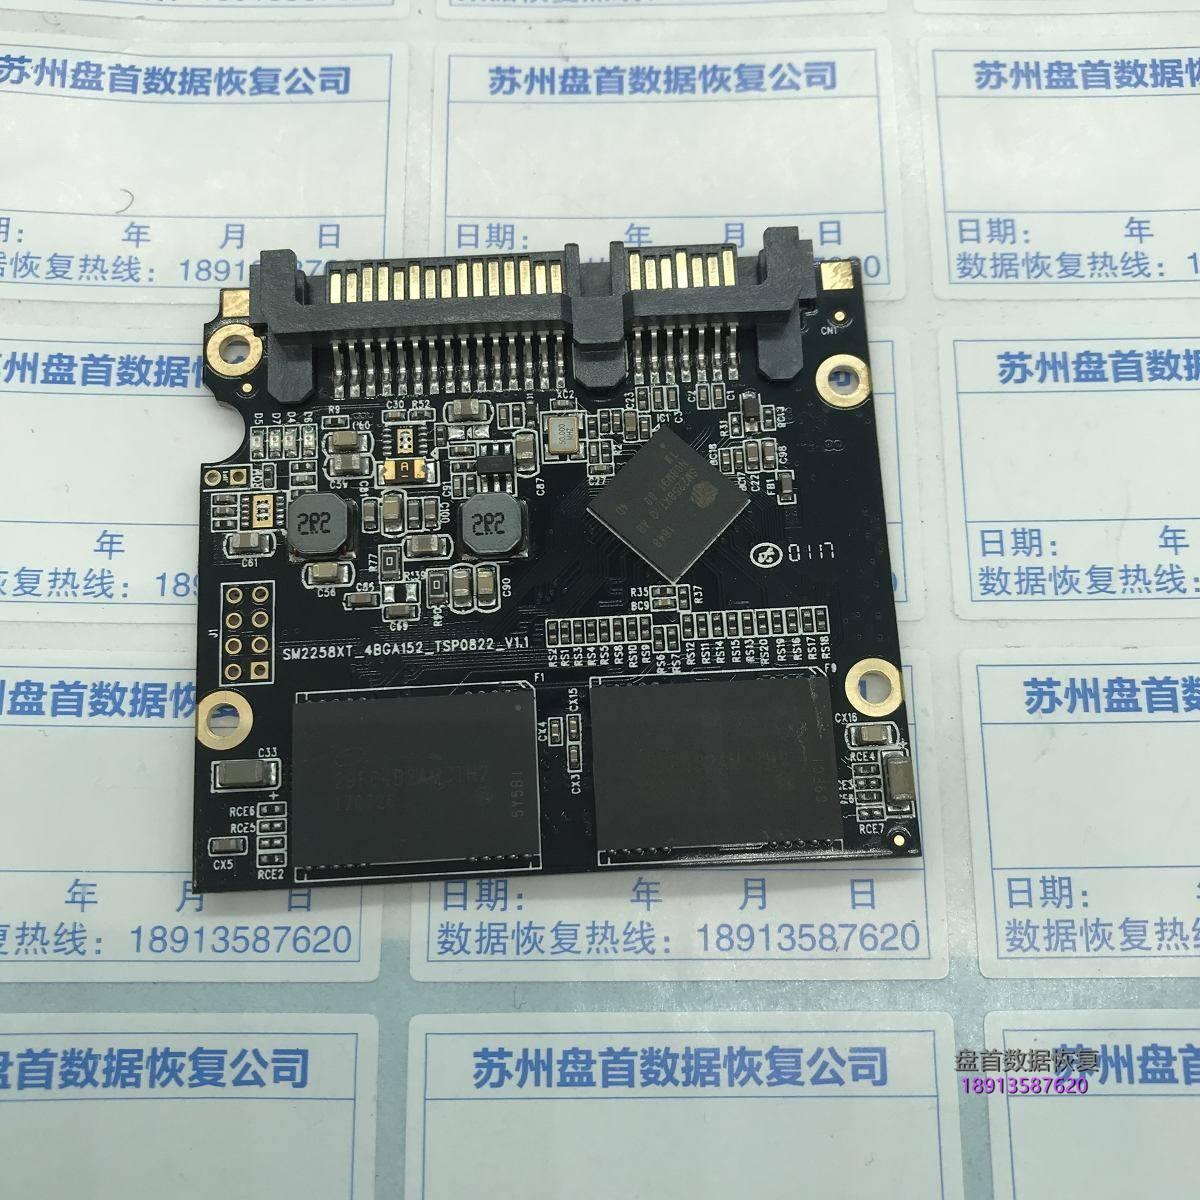 台电SD120GBS500掉盘SSD无法识别SM2258XT主控SSD不读盘数据恢复成功